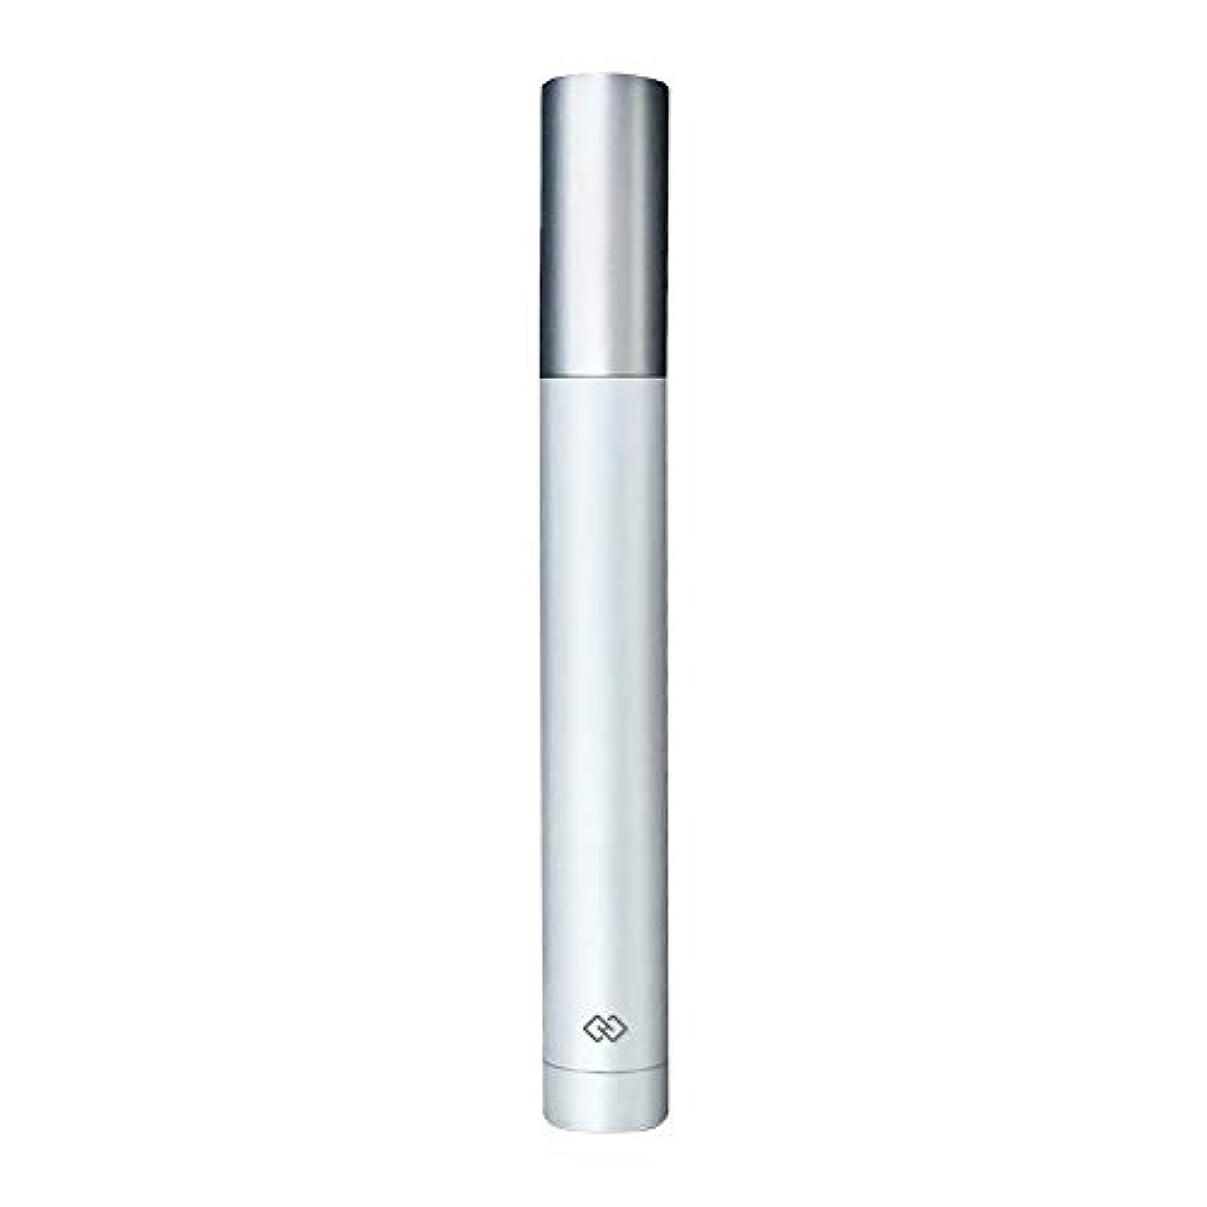 技術者不規則性給料鼻毛トリマー-密閉防水効果/シングルカッターヘッドシャープで耐久性のある/男性用剃毛鼻毛はさみ/ポータブルデザイン、旅行に便利/ 12.9 * 1.65cm 使いやすい (Color : White)